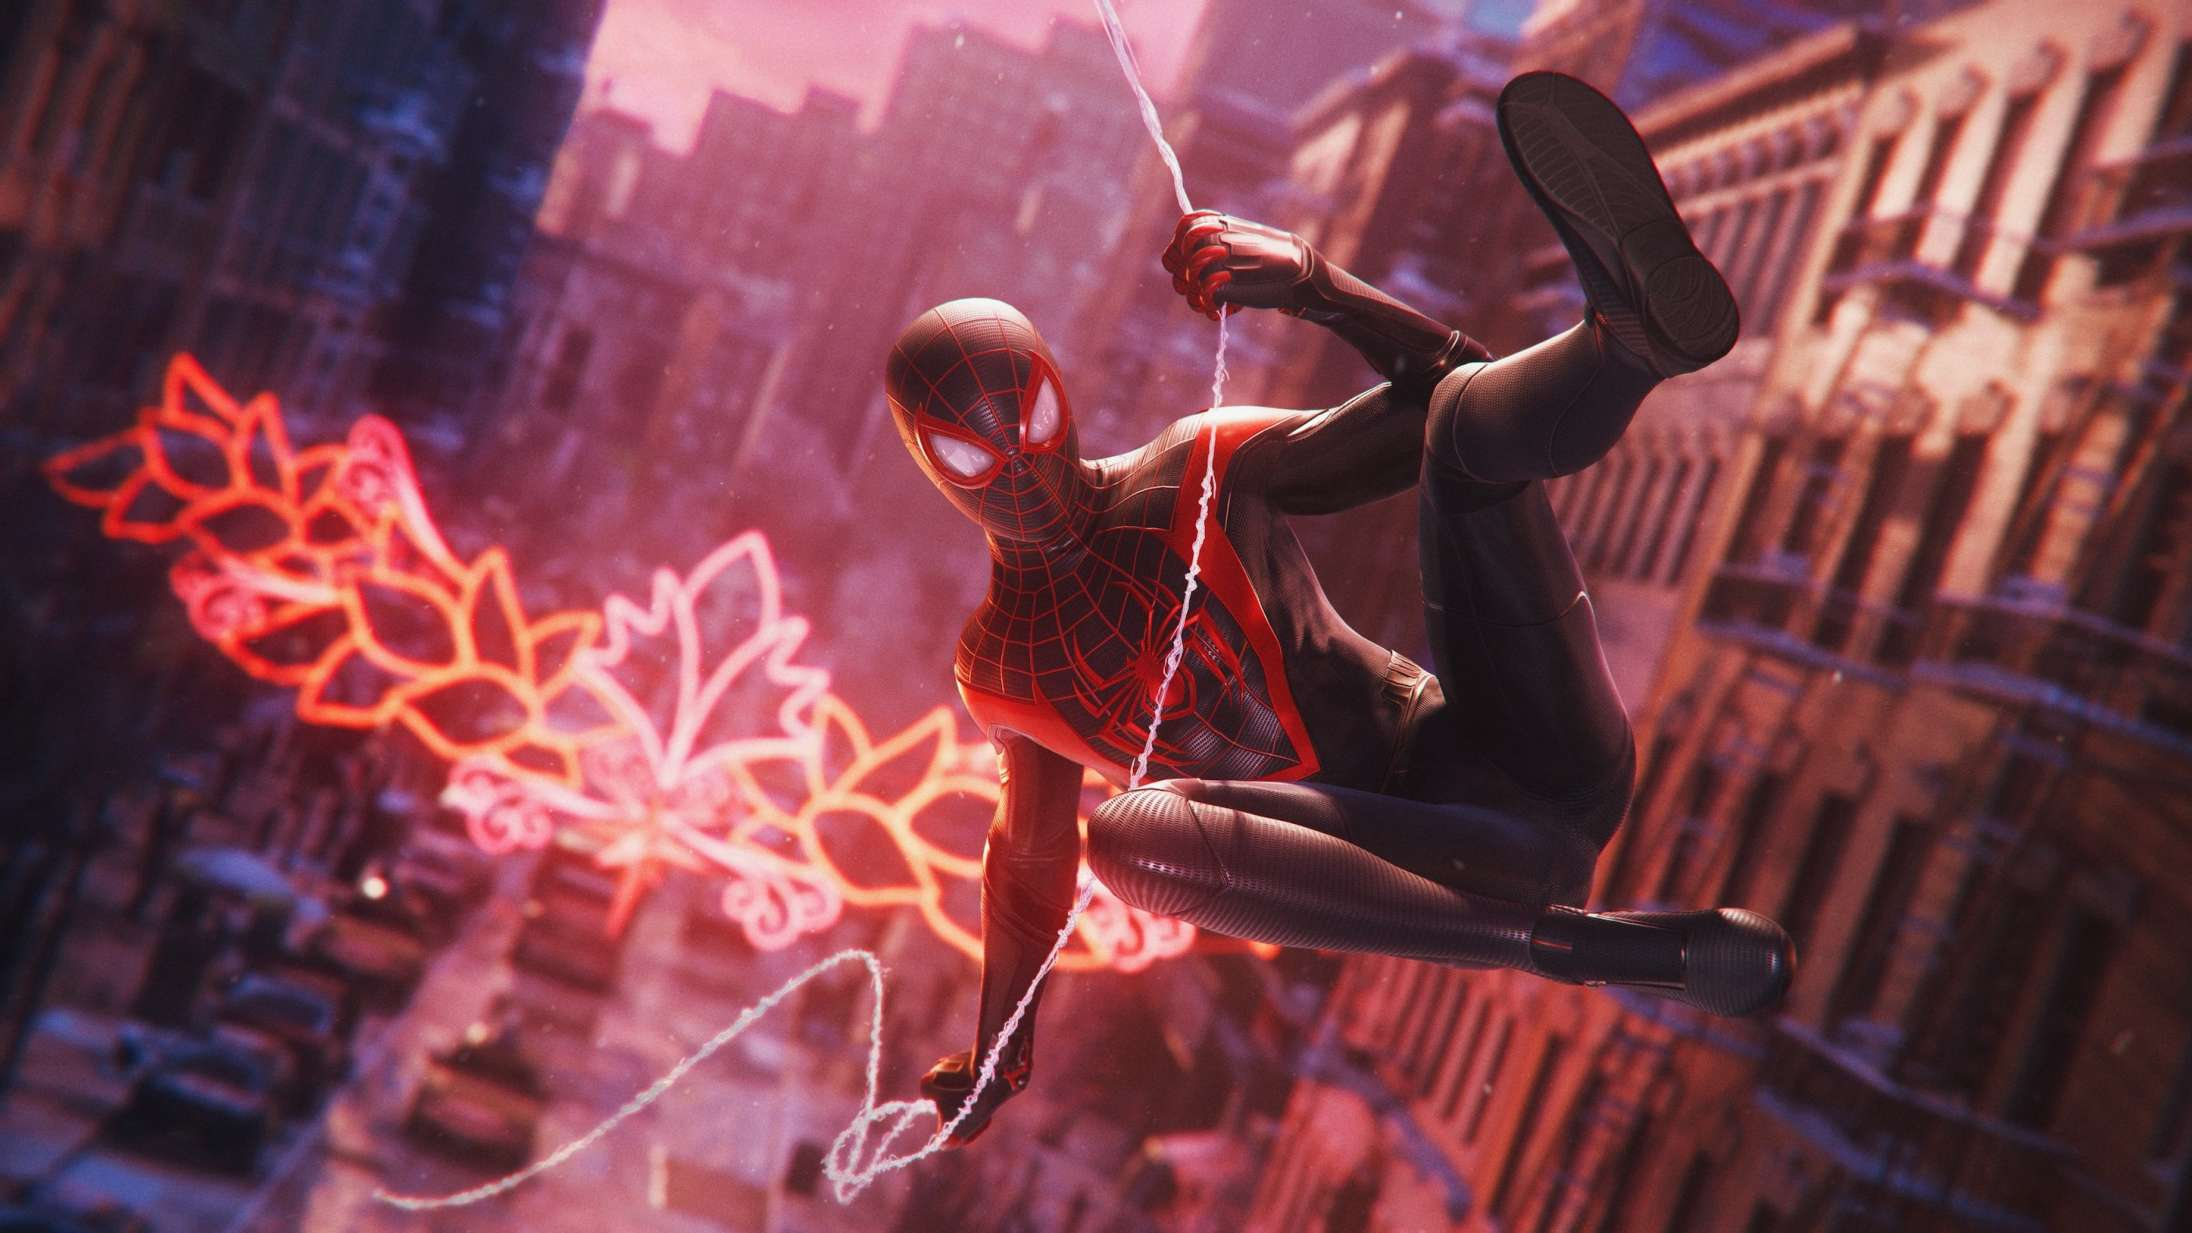 Første nye spil til PlayStation 5: 'Marvel's Spider-Man: Miles Morales' er et forrygende gensyn med fremtidens superhelt